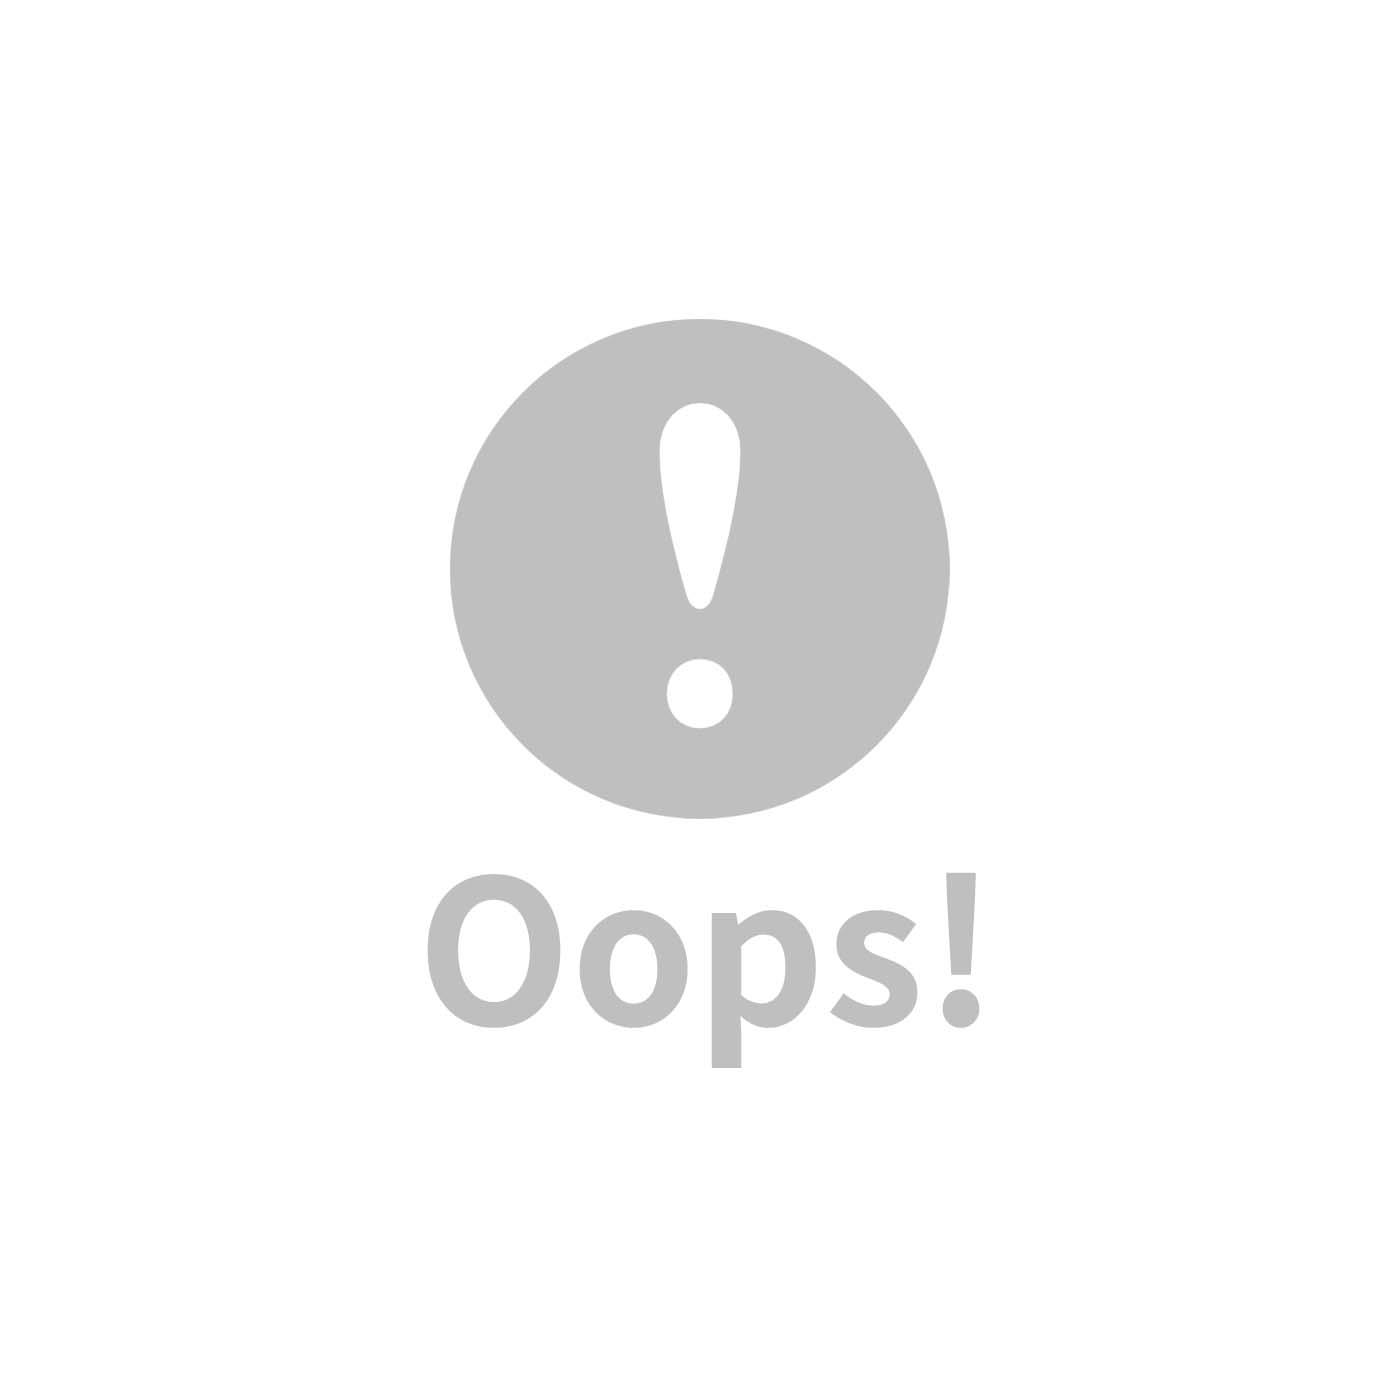 global affairs 童話手工編織安撫玩偶(36cm)-朵莉羊